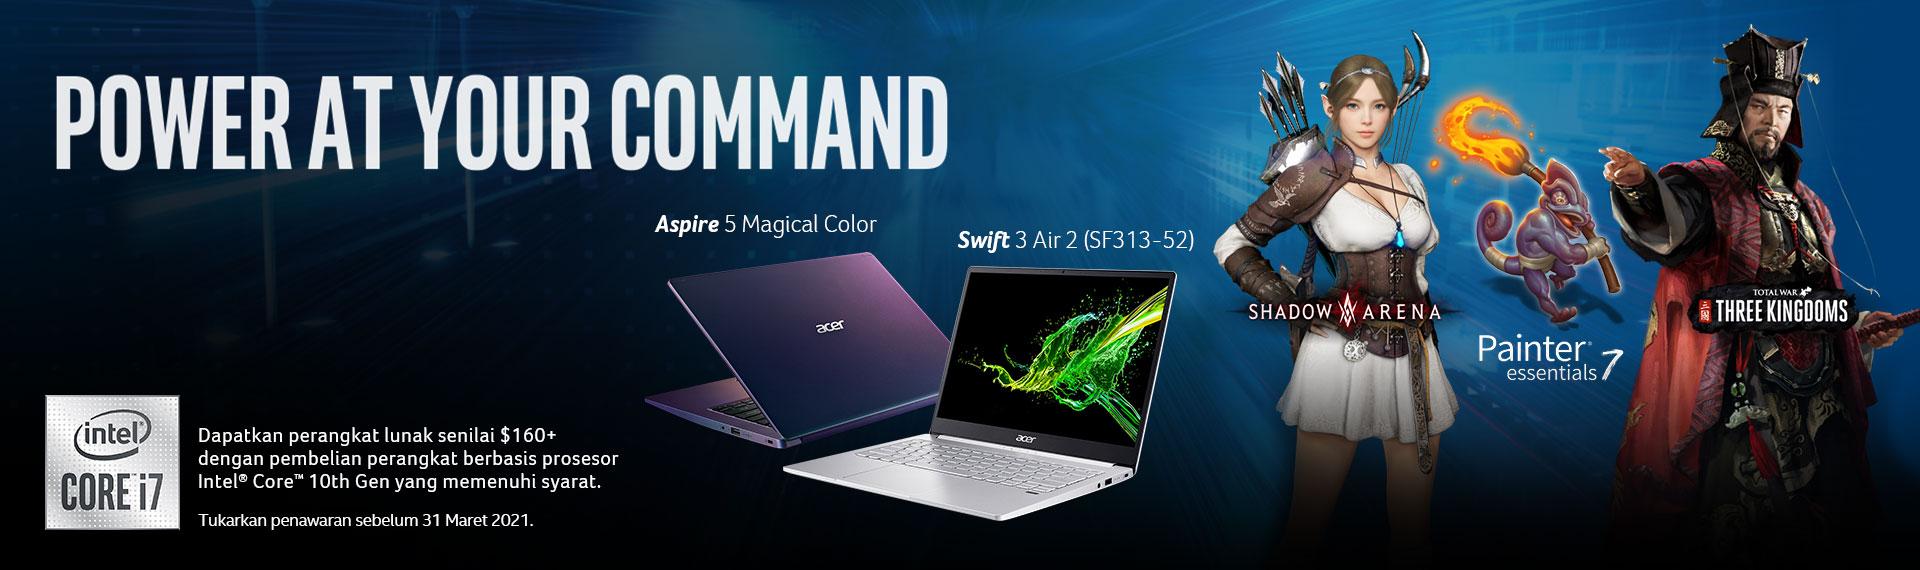 Promo Laptop Acer dengan Intel Core Dapat Software Bundling Bundling Senilai Rp2 juta!